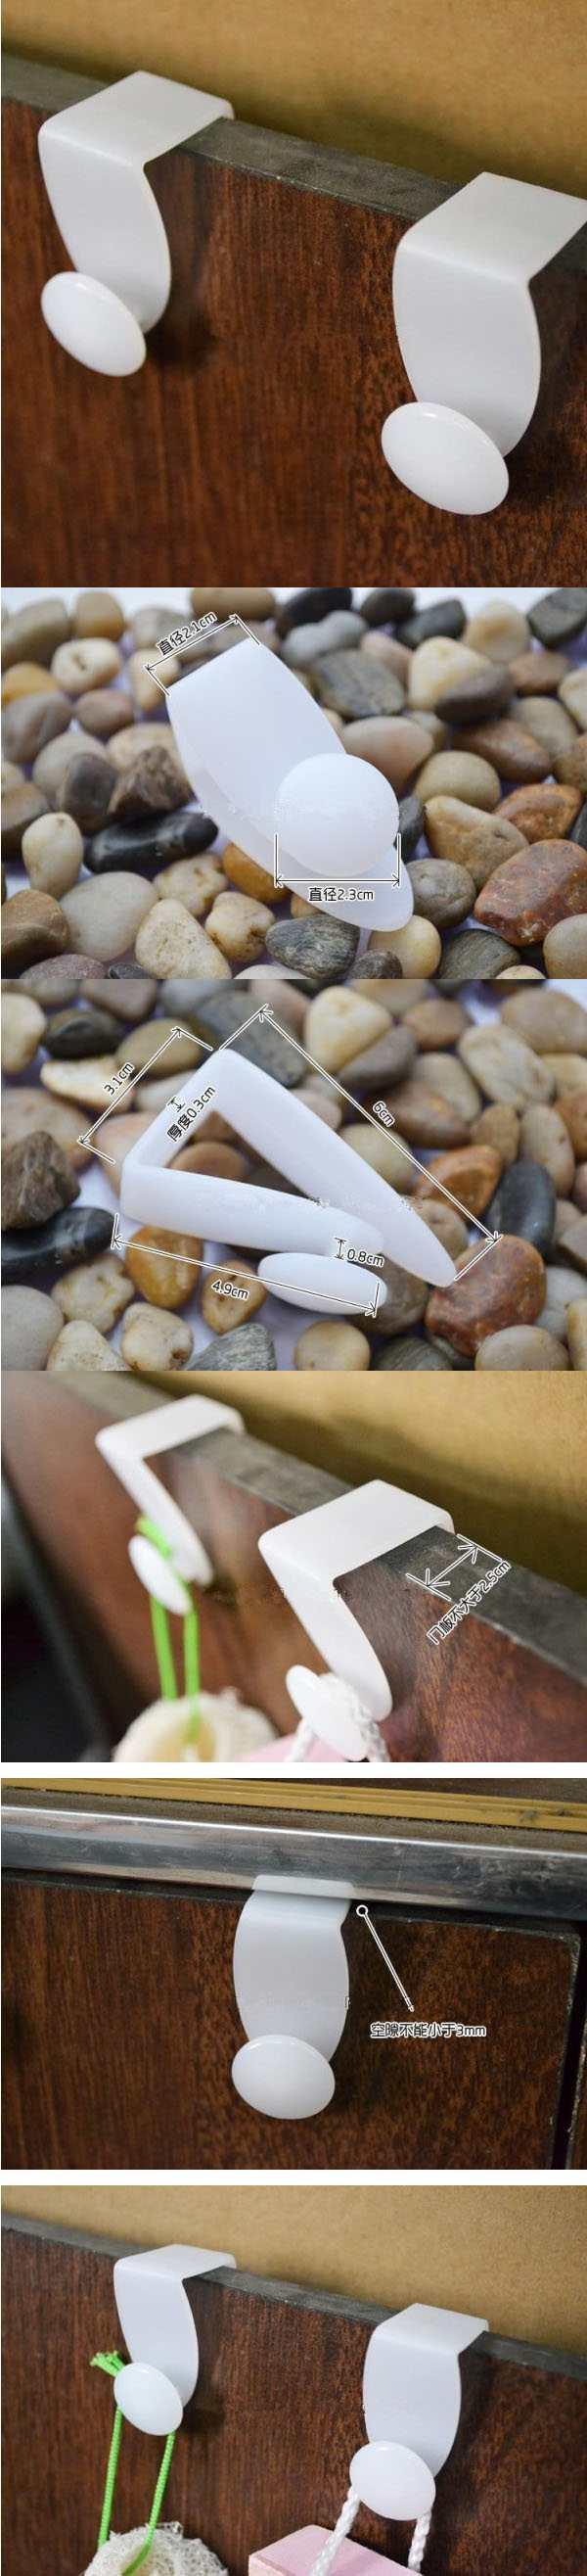 Bộ 2 móc gài cánh tủ treo túi nilon KM-1137 hàng Nhật